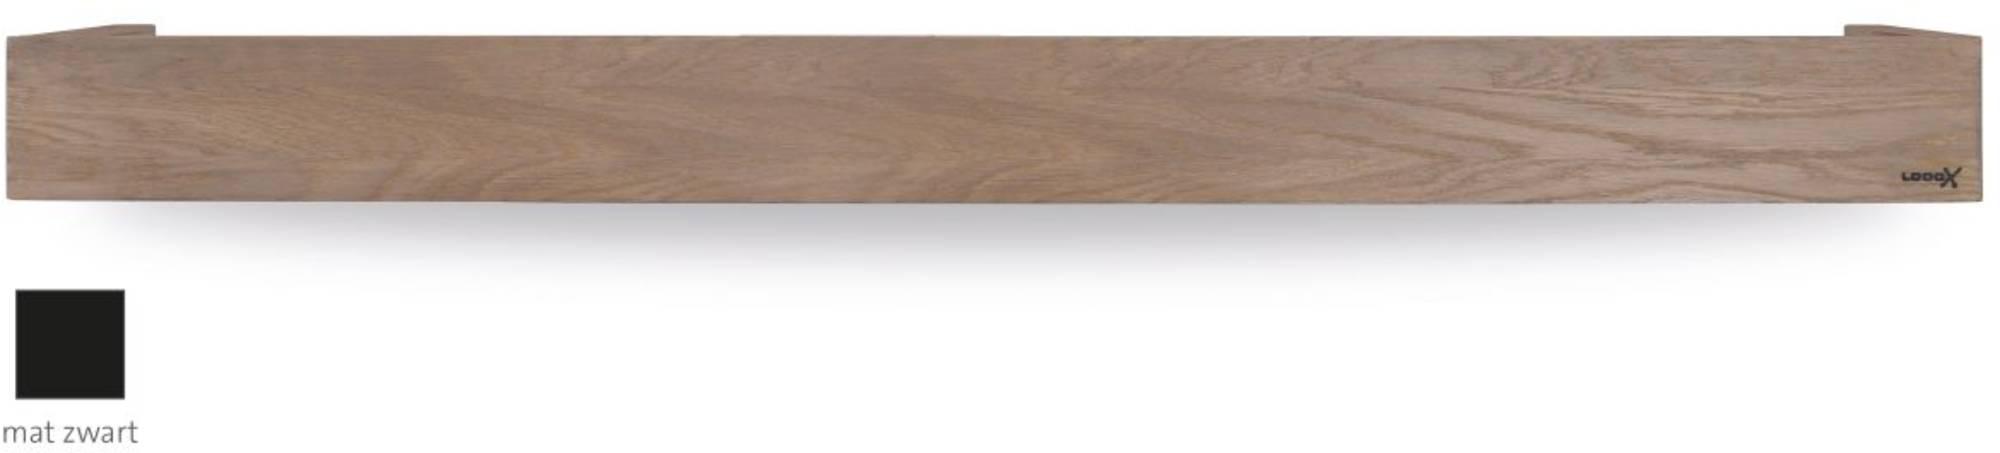 Looox Wooden Collection shelf box met bodemplaat mat zwart eiken/mat zwart